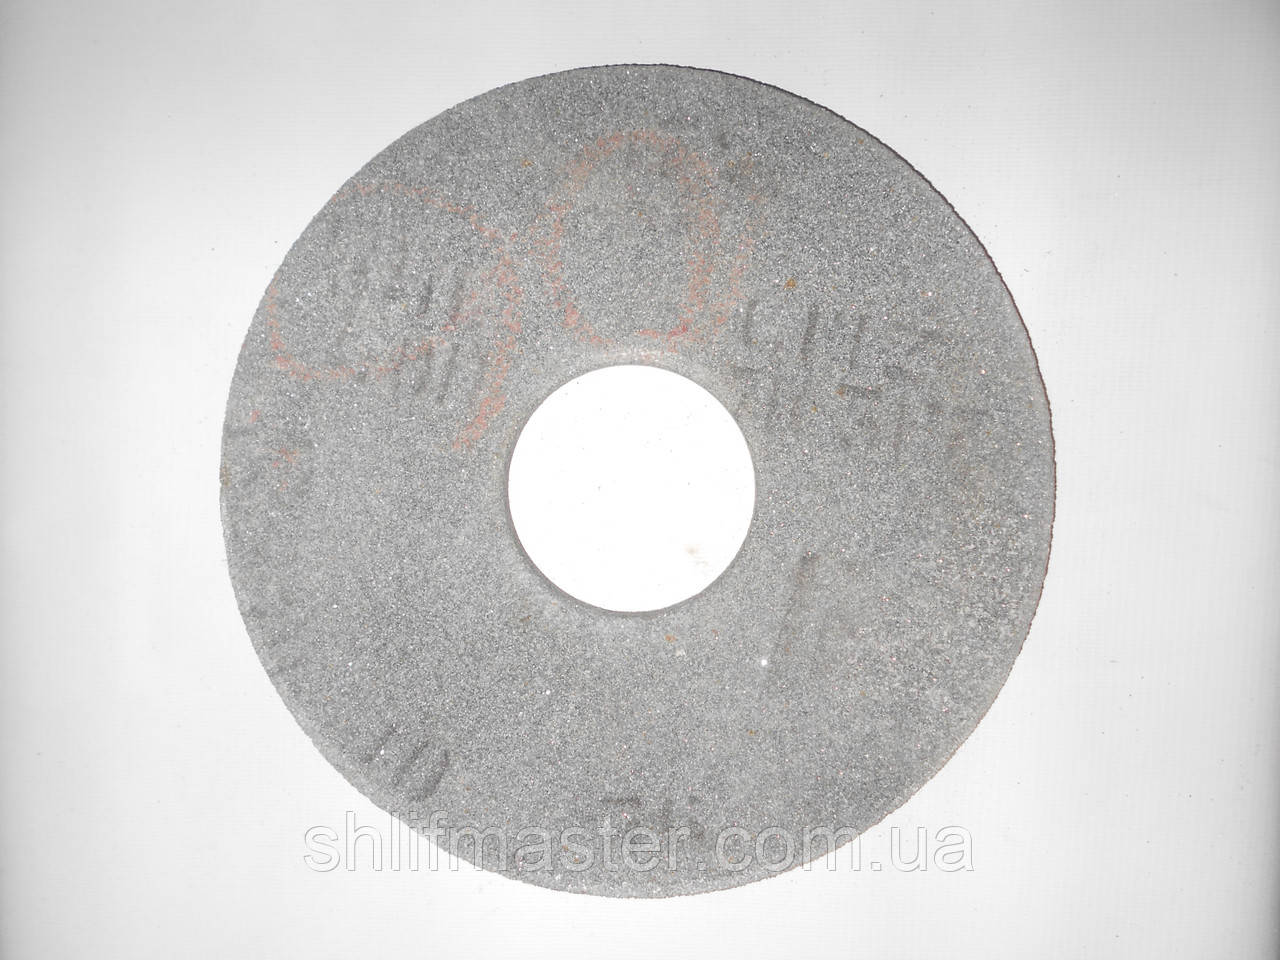 Круг абразивный шлифовальный из карбида кремния 64С (зеленый) 250х16х76 25 СТ2